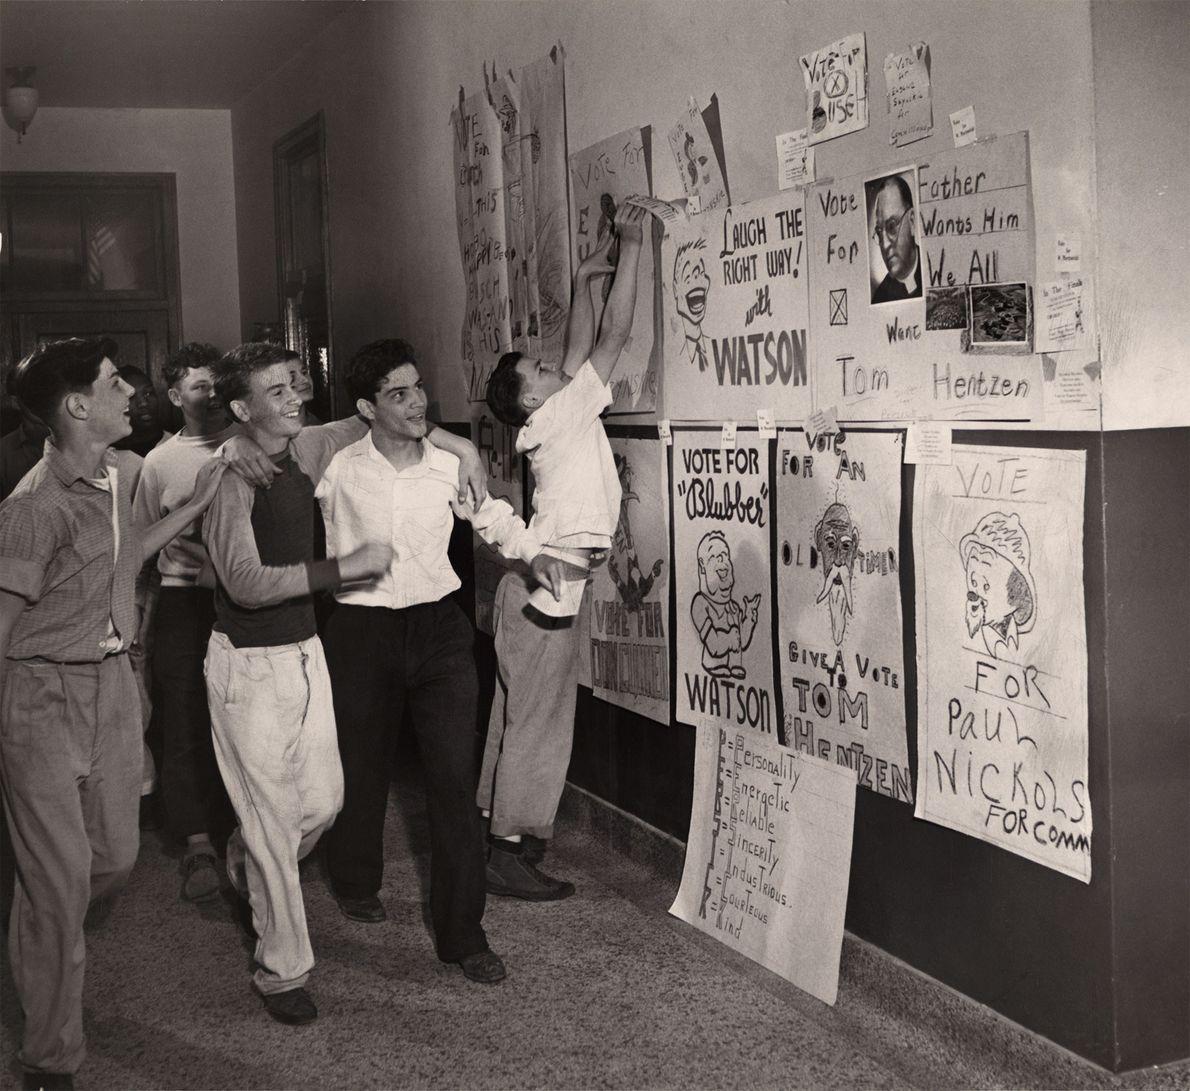 Ein paar Jungs sehen sich die Kampagnenposter für eine bevorstehende Wahl zum Klassensprecher an.